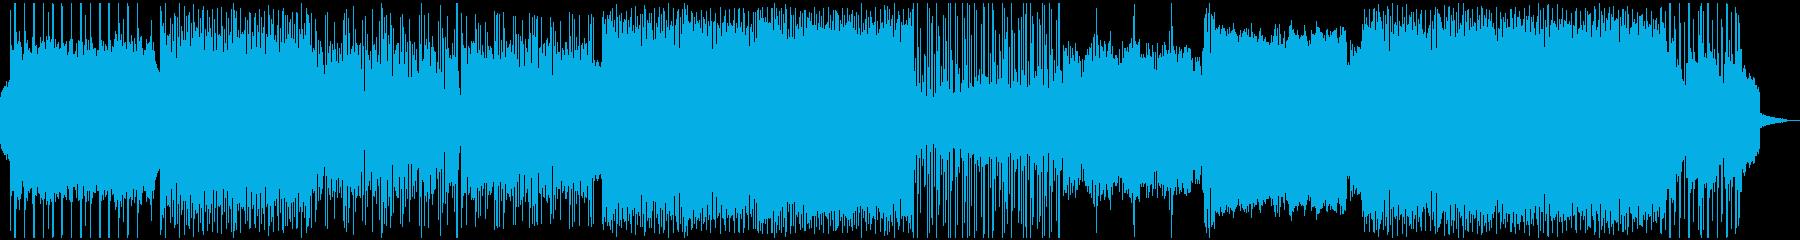 ポップ テクノ ロック 代替案 ア...の再生済みの波形